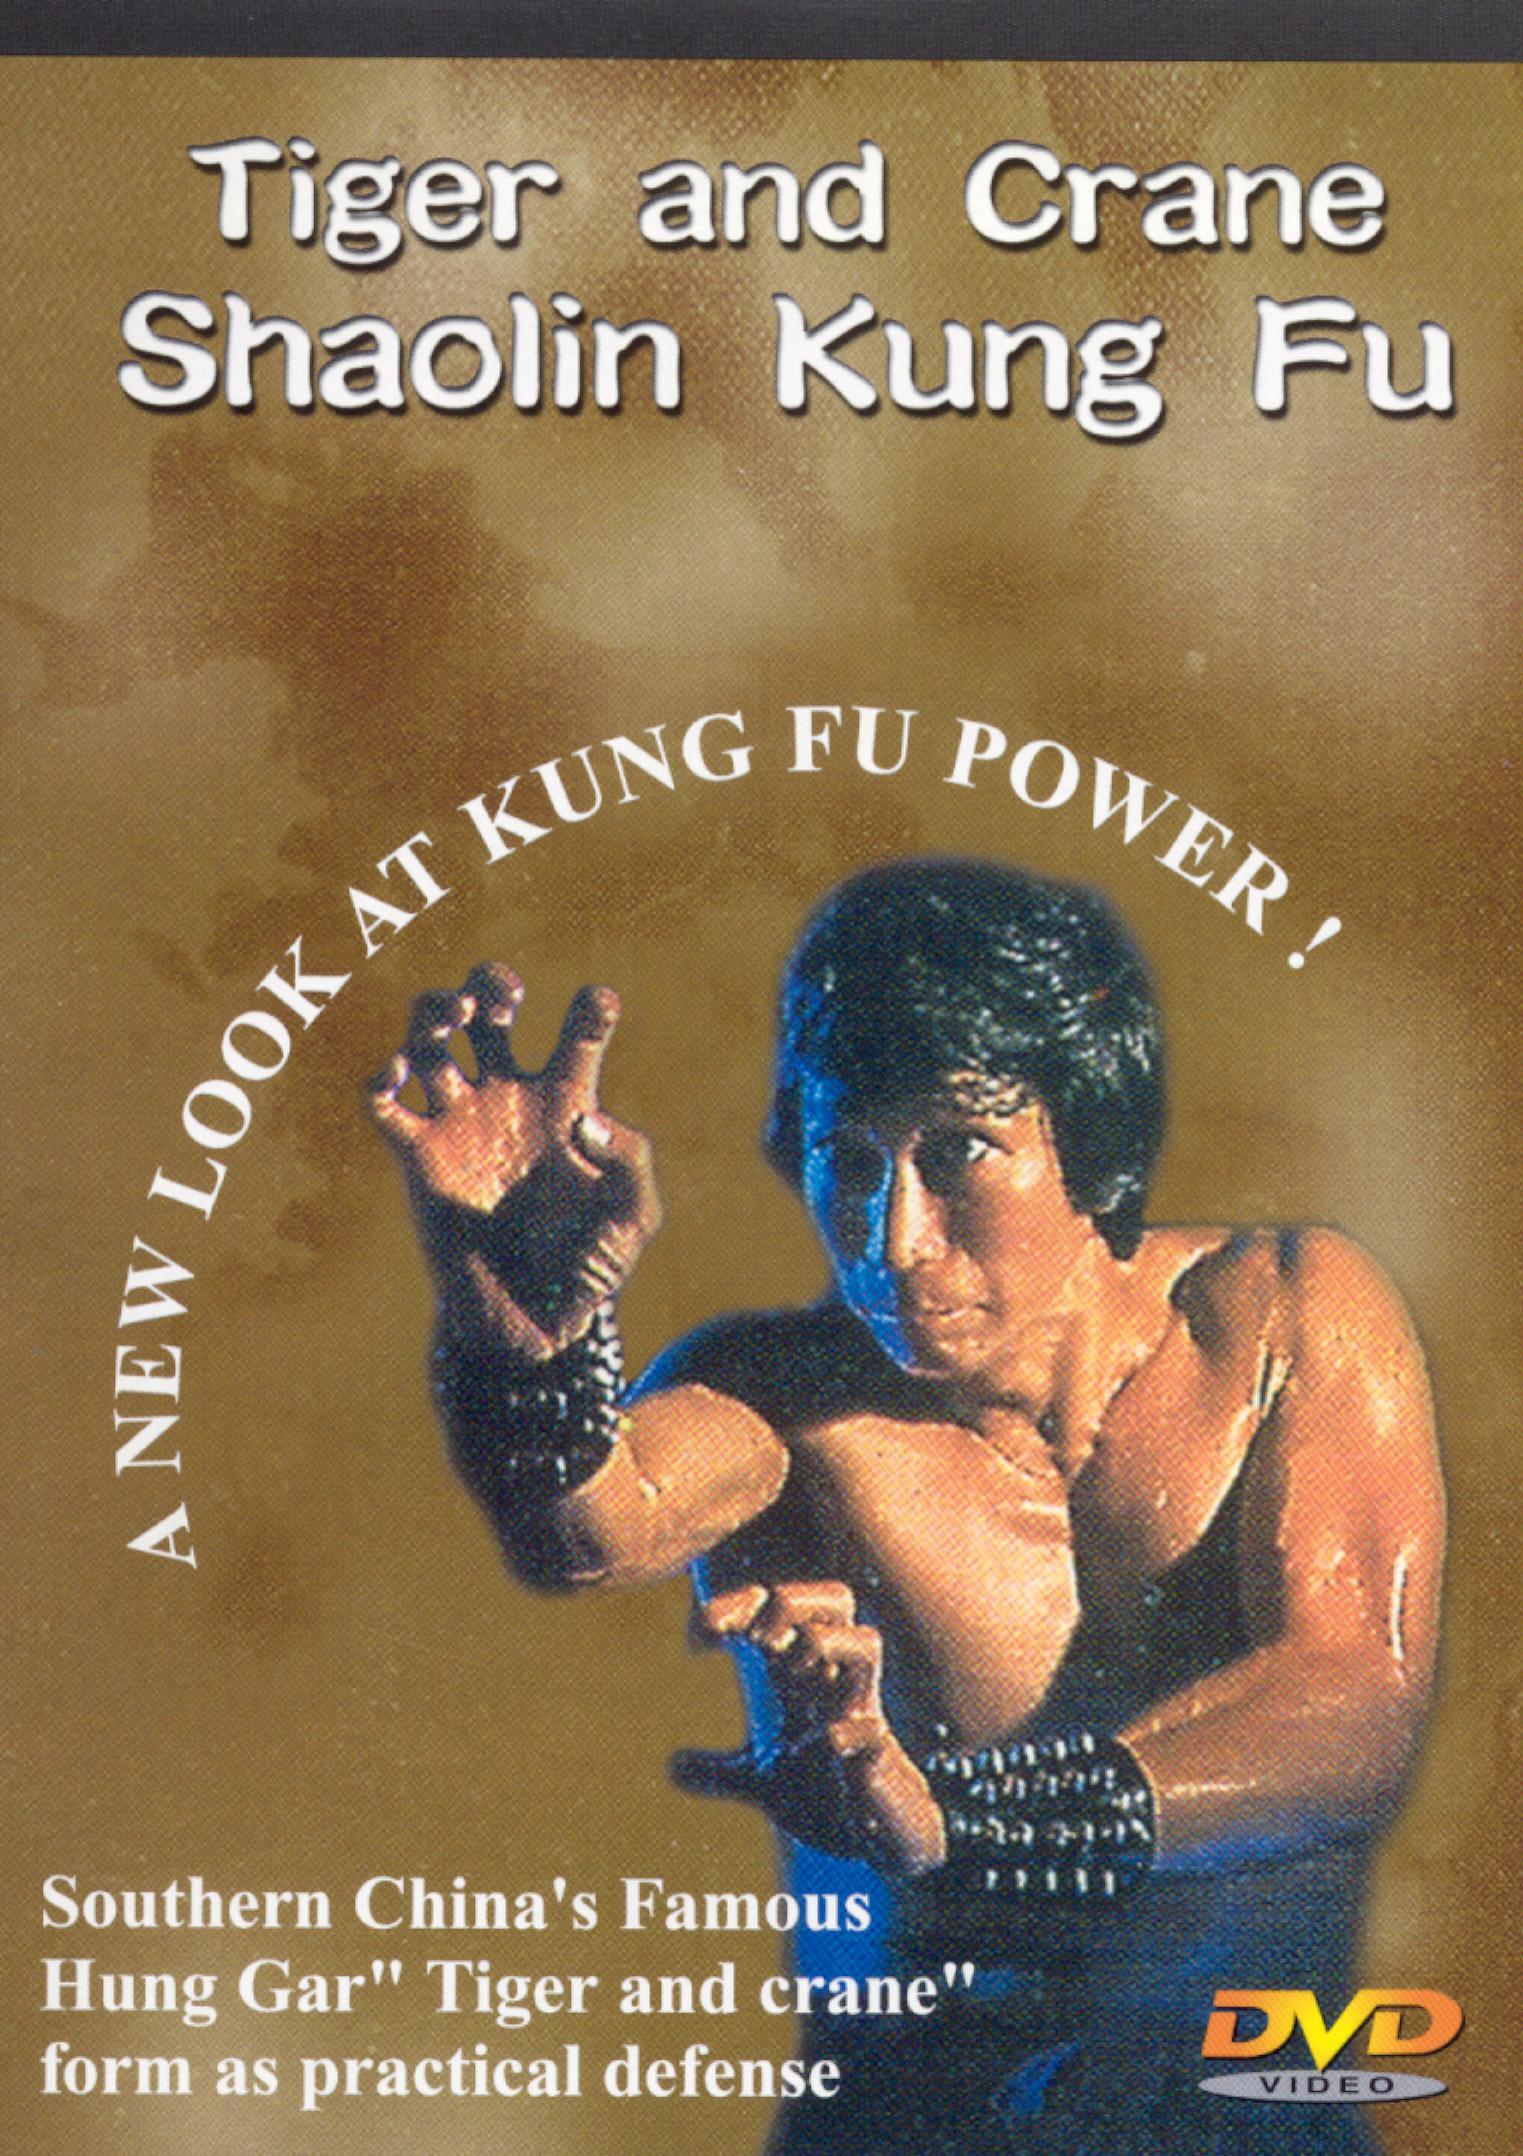 Tiger and Crane Shaolin Kung-Fu